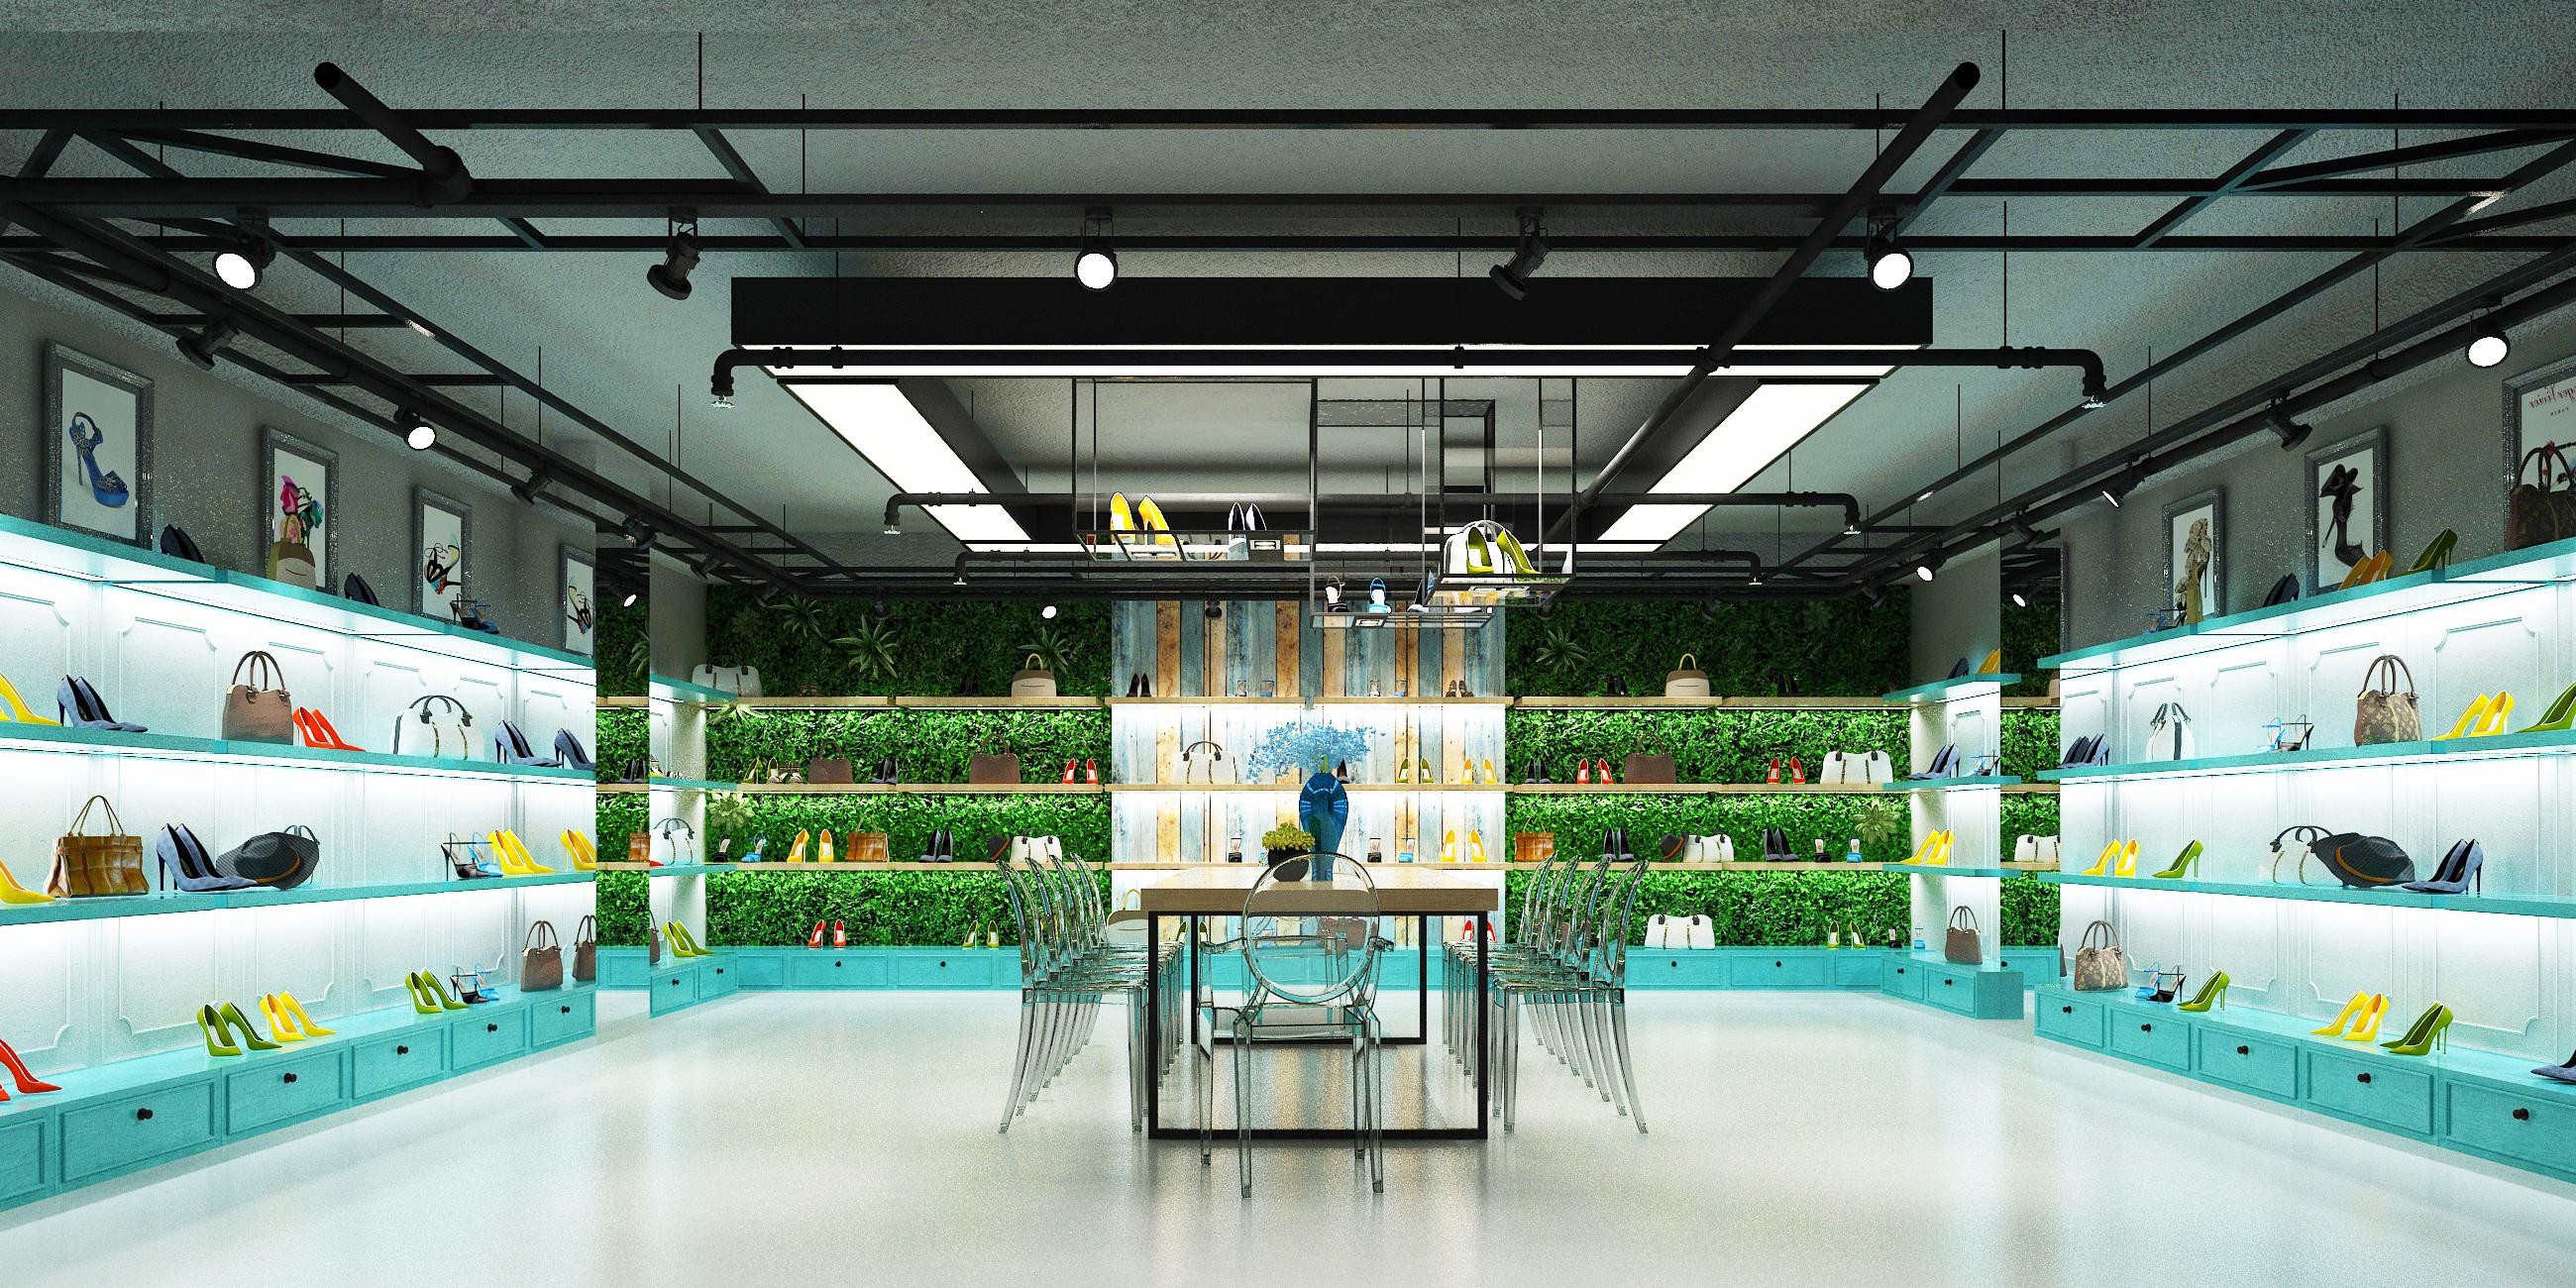 รับทำ3D รับออกแบบร้านค้า โทร 0885154599 Line: Pisan.cs